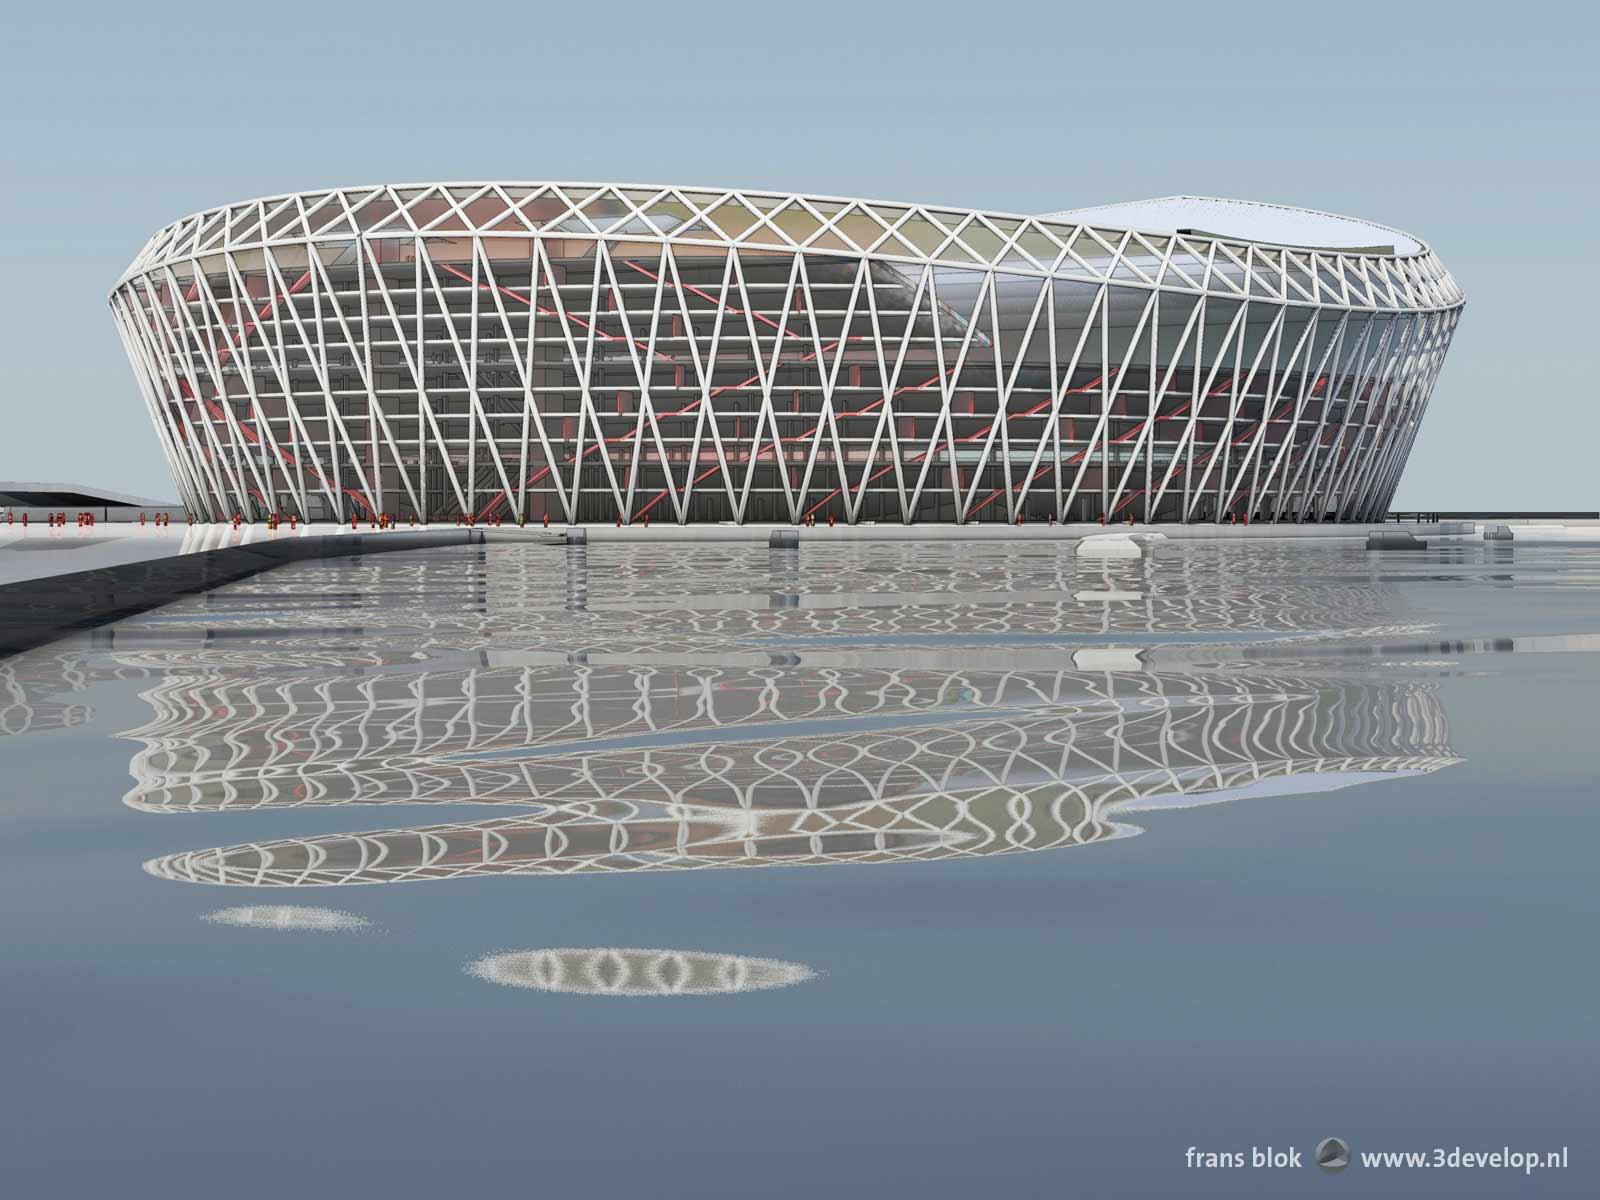 Oooghoogteperspectief van het voorgestelde nieuwe Feyenoordstation, de Schuit, gezien vanaf de Piet Smitkade